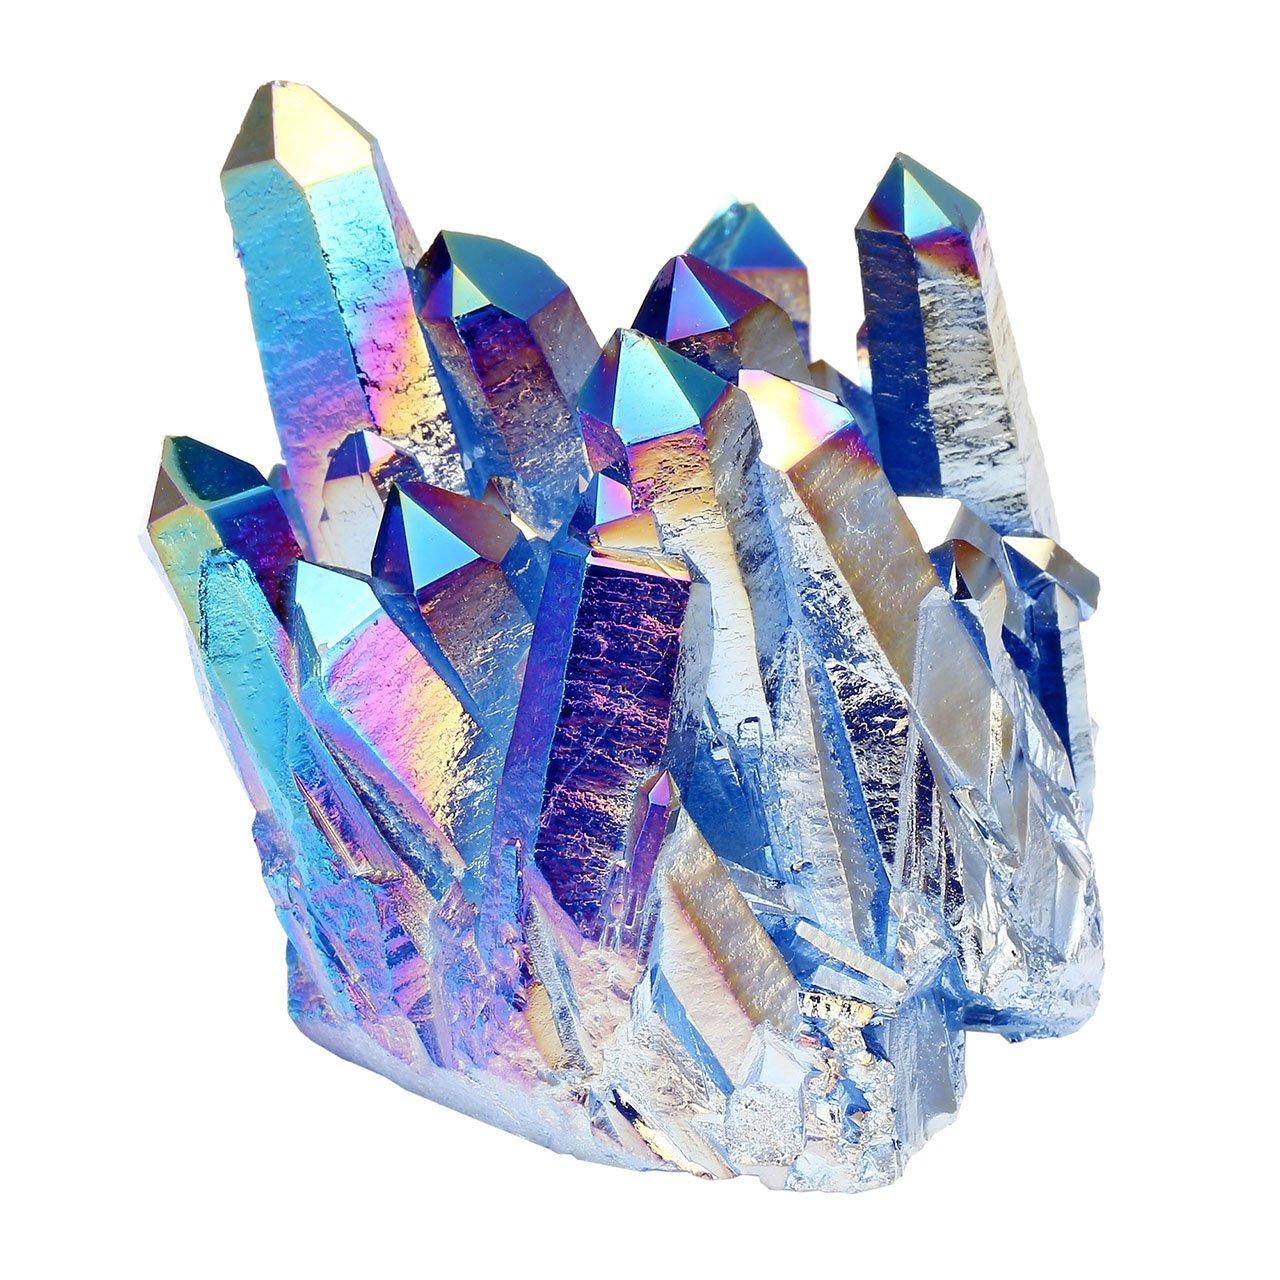 Jovivi Pierre d'Energie Precieuse Irrégulière Quartz Cluster Cristal Geode Druse Specimen Maison Bureau Decoration Bibelot + Coffret Cadeau AJFR74908